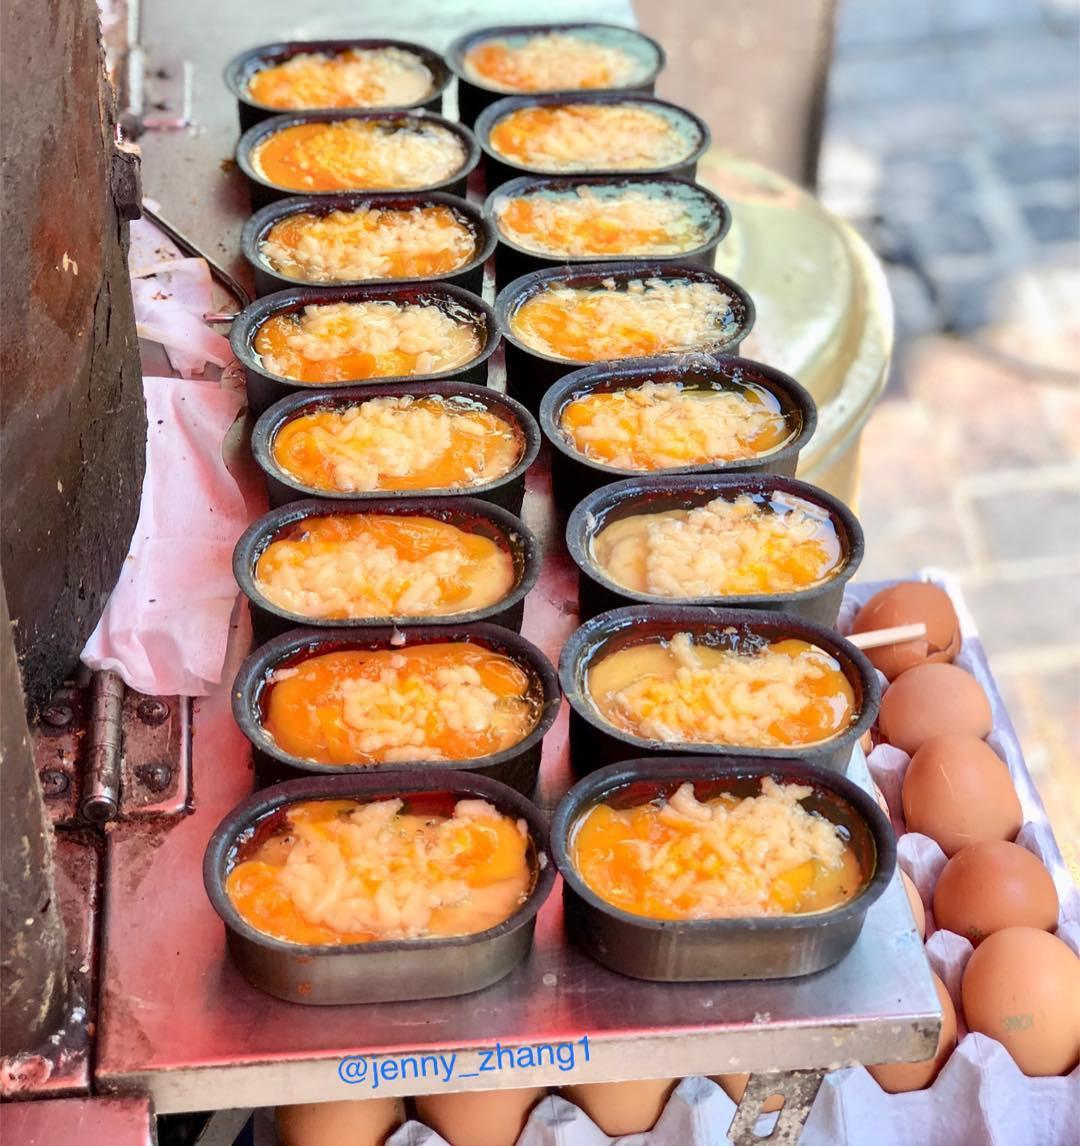 Những món ăn vặt nổi tiếng nhất định phải thử khi du lịch Hàn Quốc - Ảnh 12.